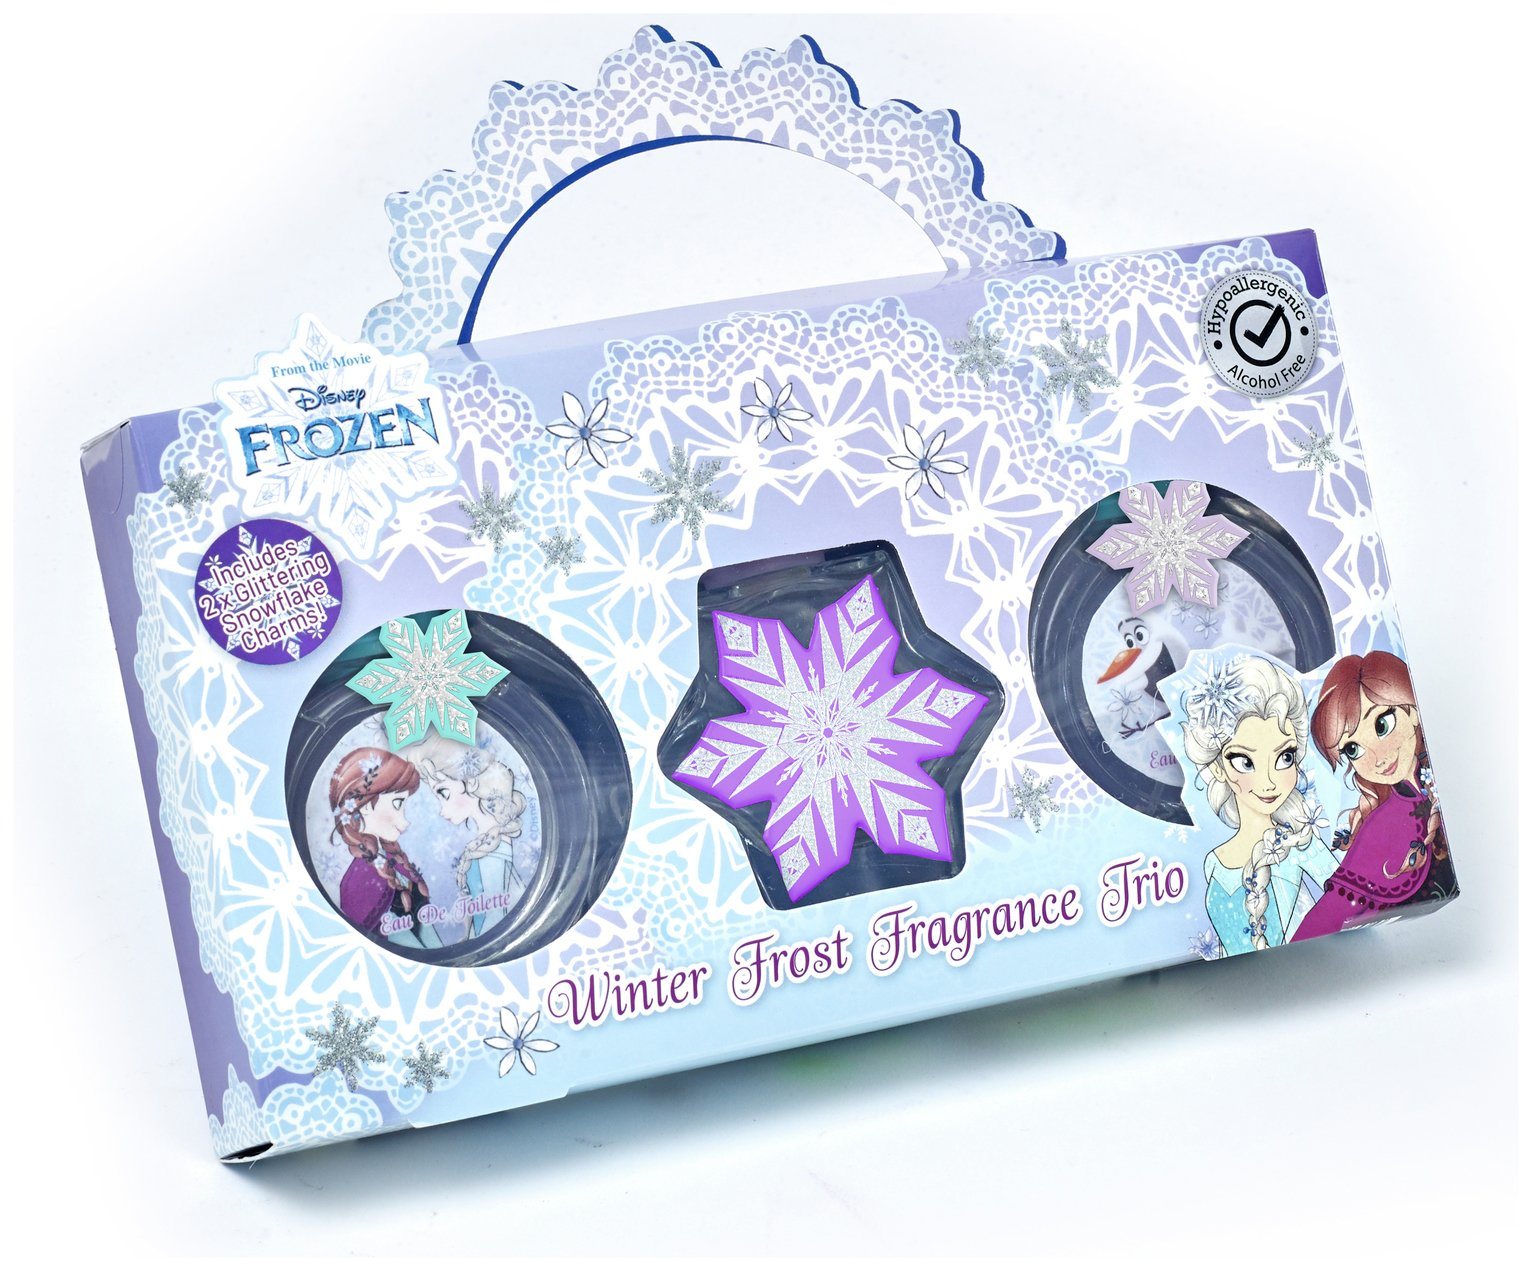 Disney Frozen Winter Eau de Toilette x 3 Bottles